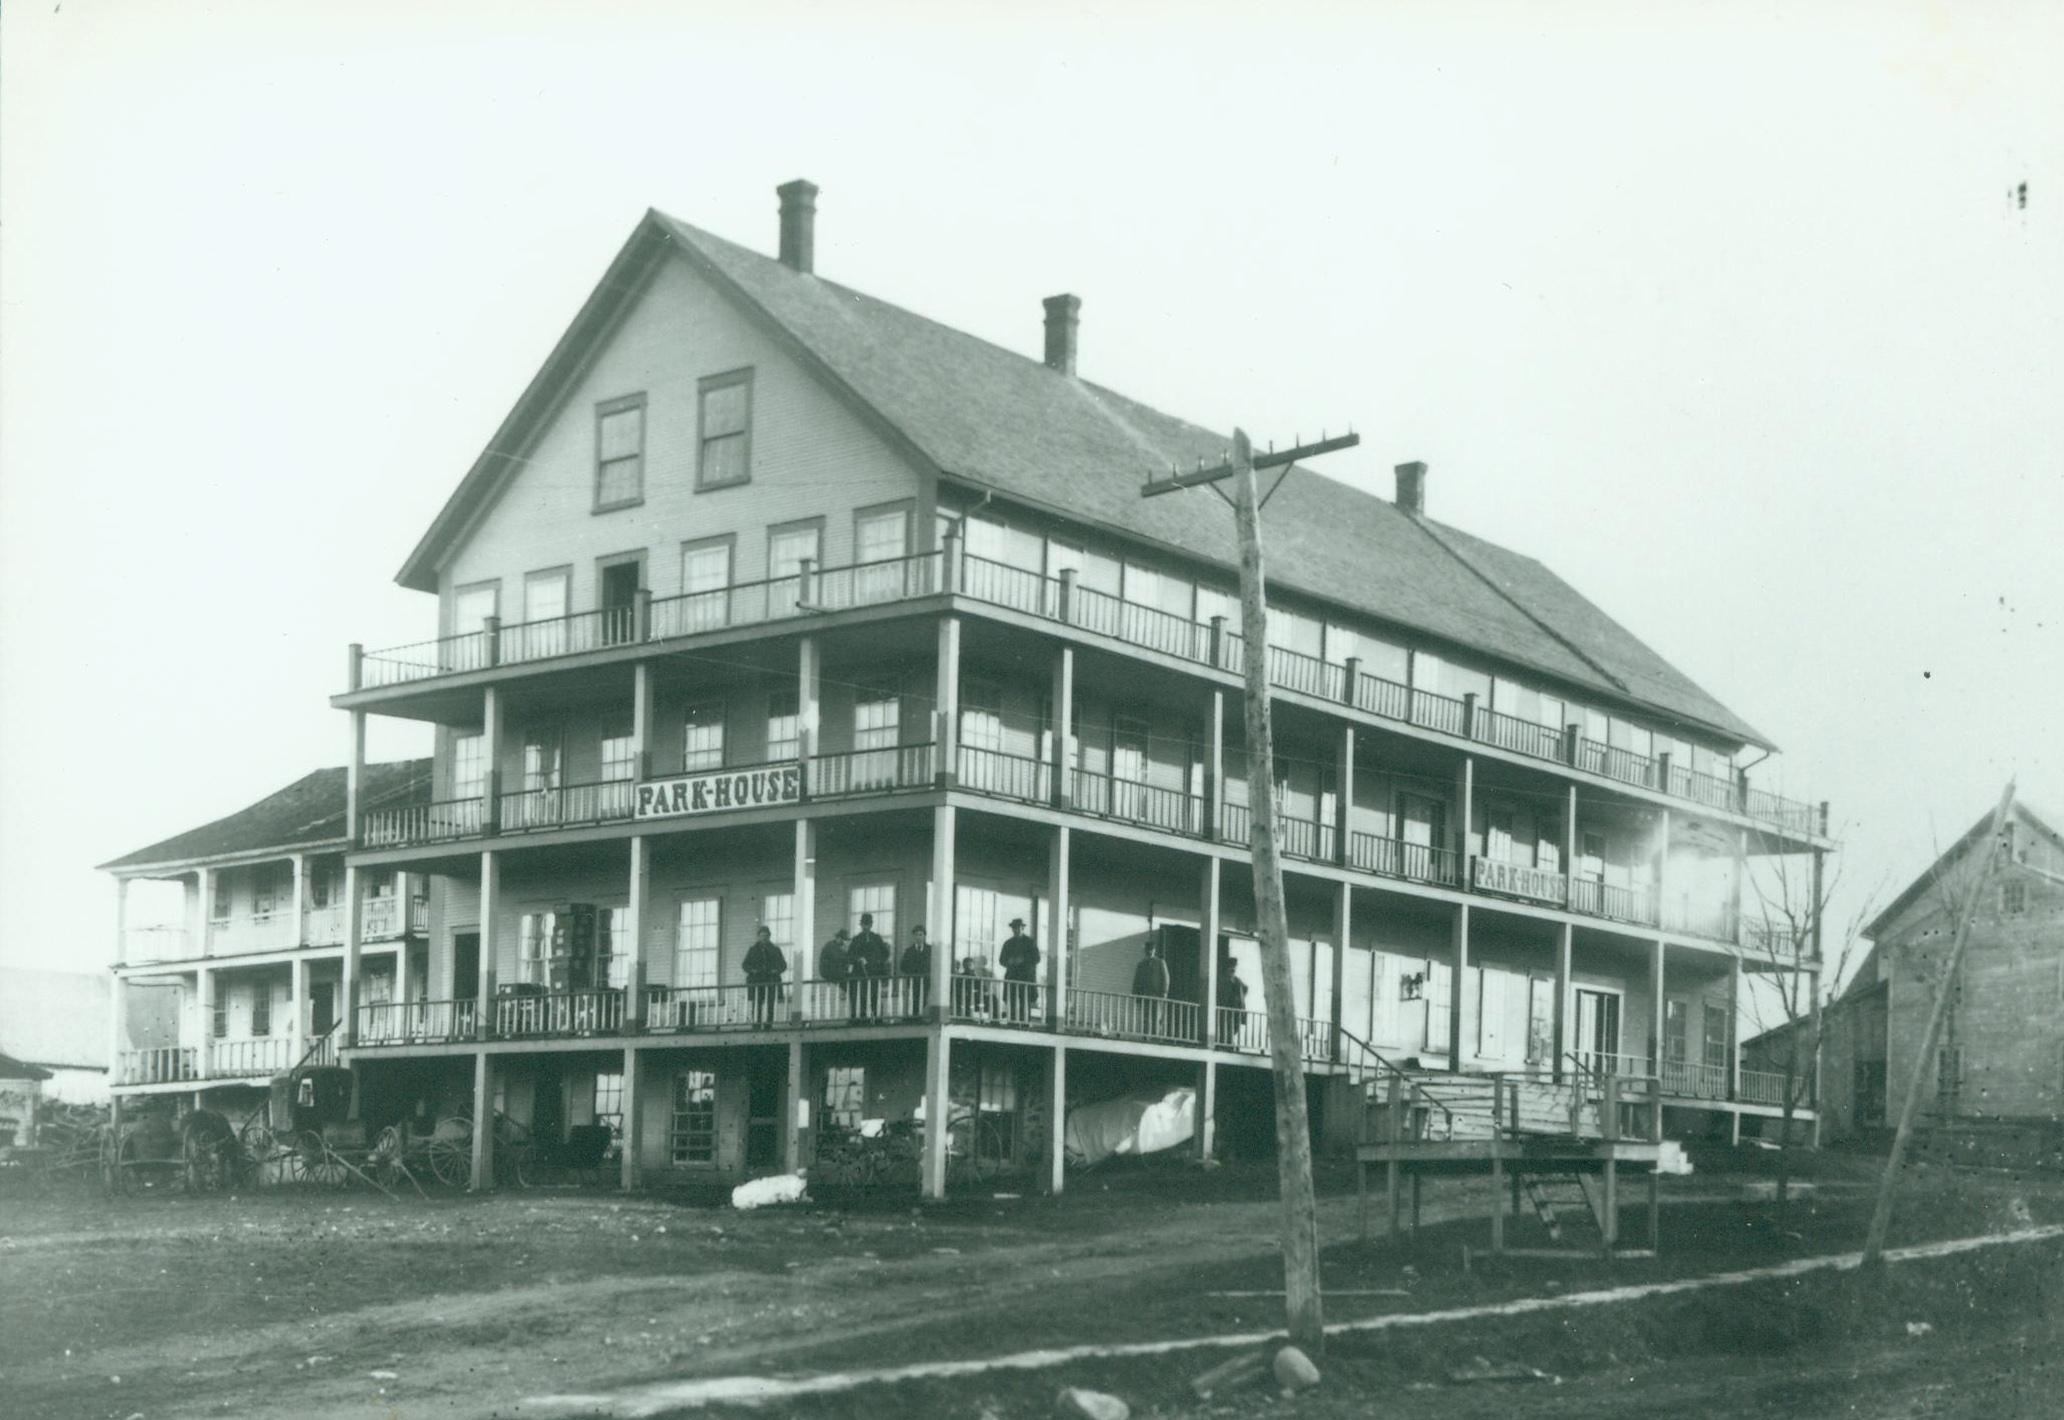 C'est à l'Hotel Park House qu'ont eu lieu les mises en nomination et les élections dans le Canton de Magog à partir des années 1870.